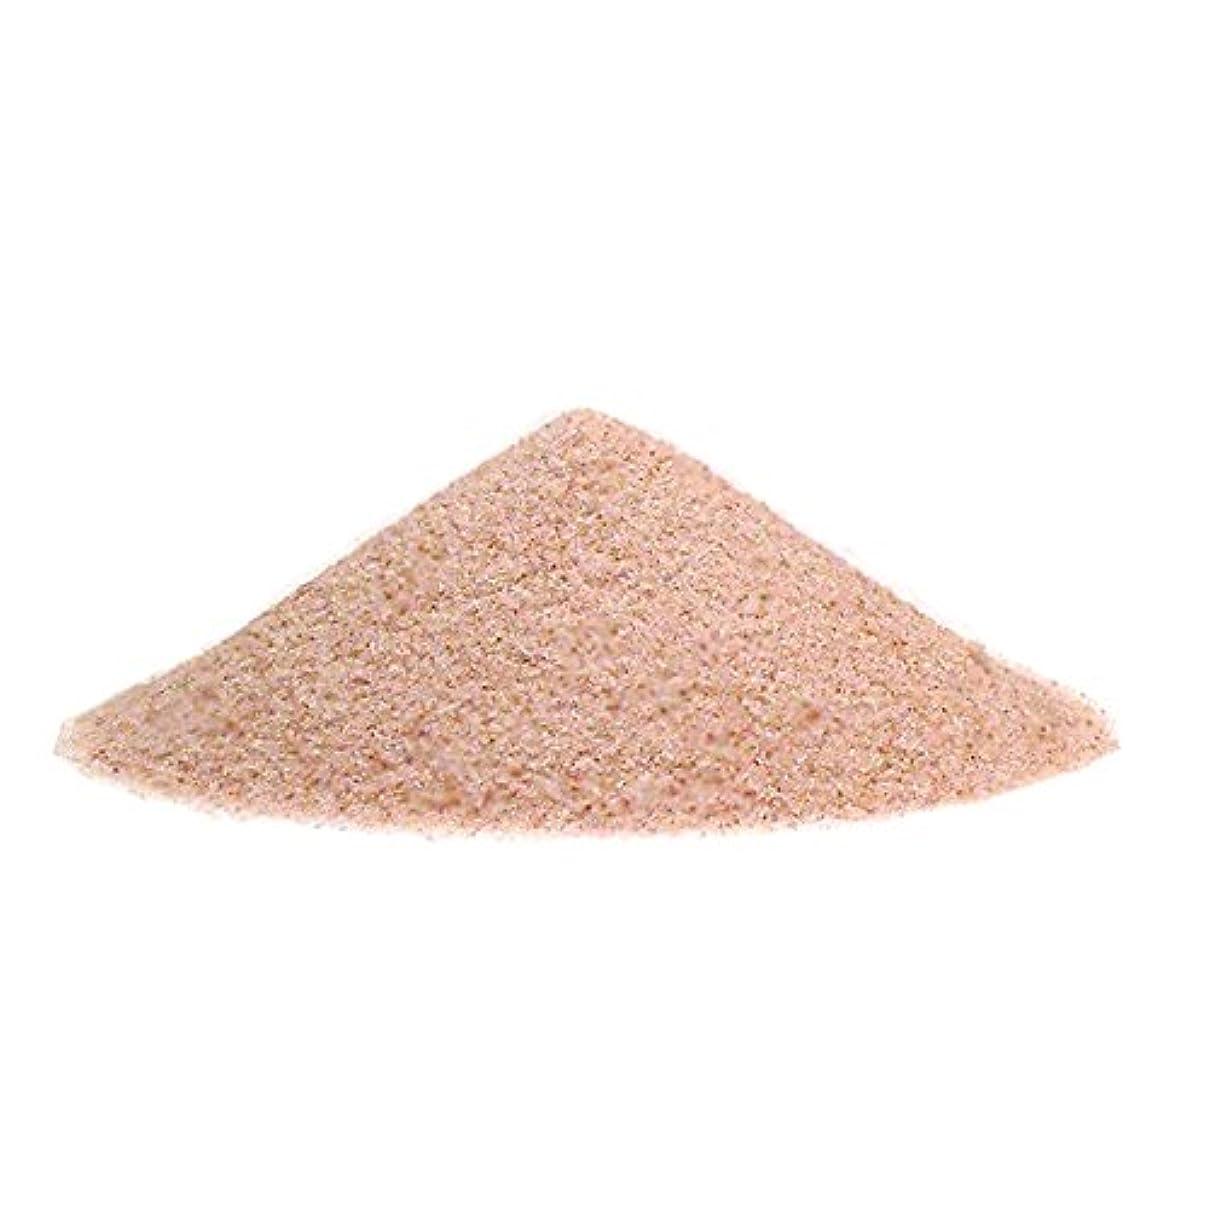 下着安らぎマニアックヒマラヤ岩塩 ピンクソルト 入浴用 バスソルト(微粒パウダー)5kg ピンク岩塩